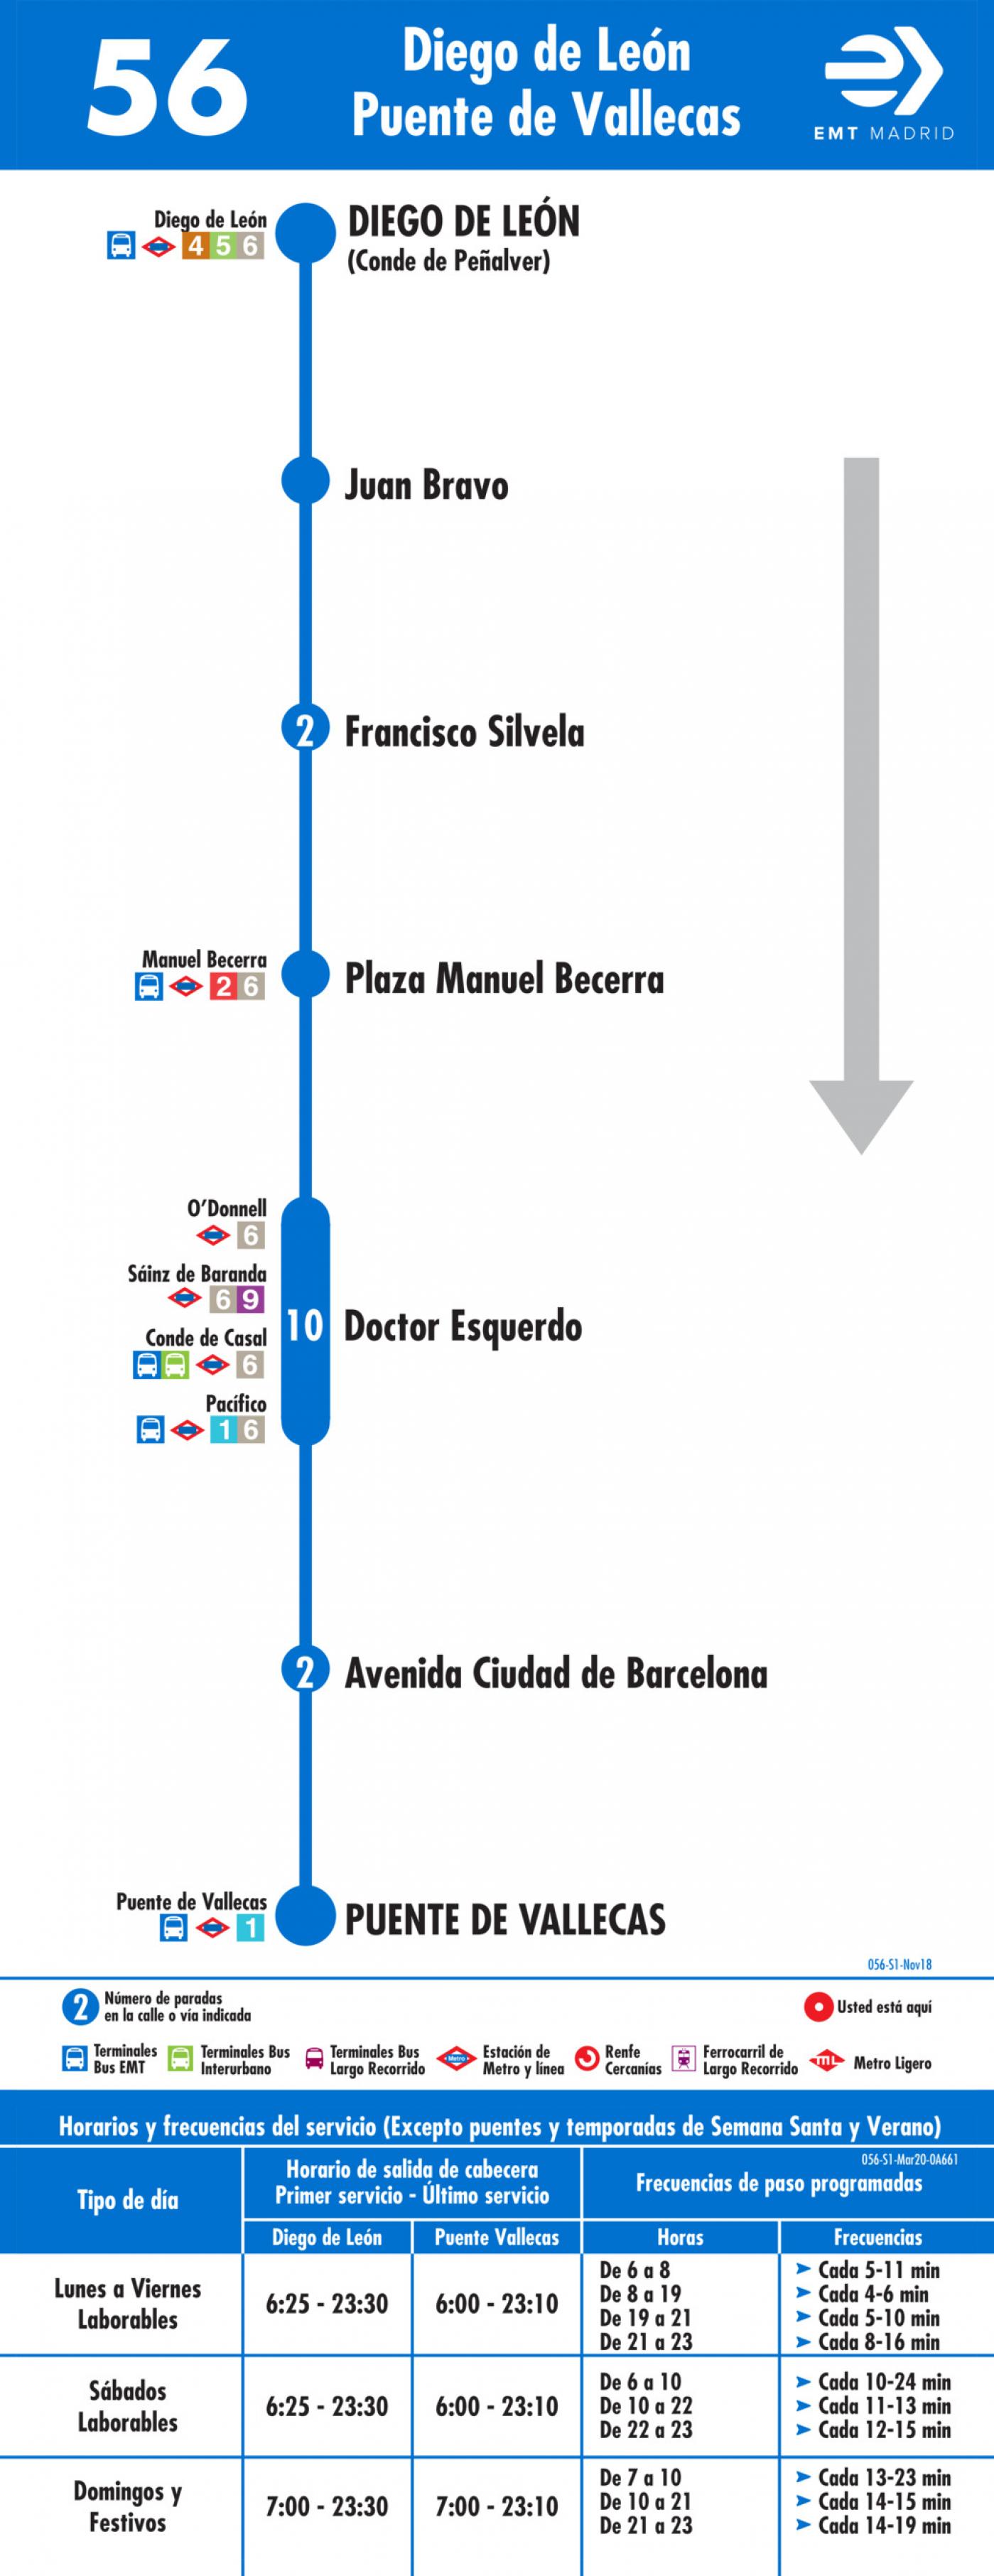 Tabla de horarios y frecuencias de paso en sentido ida Línea 56: Diego de León - Puente de Vallecas